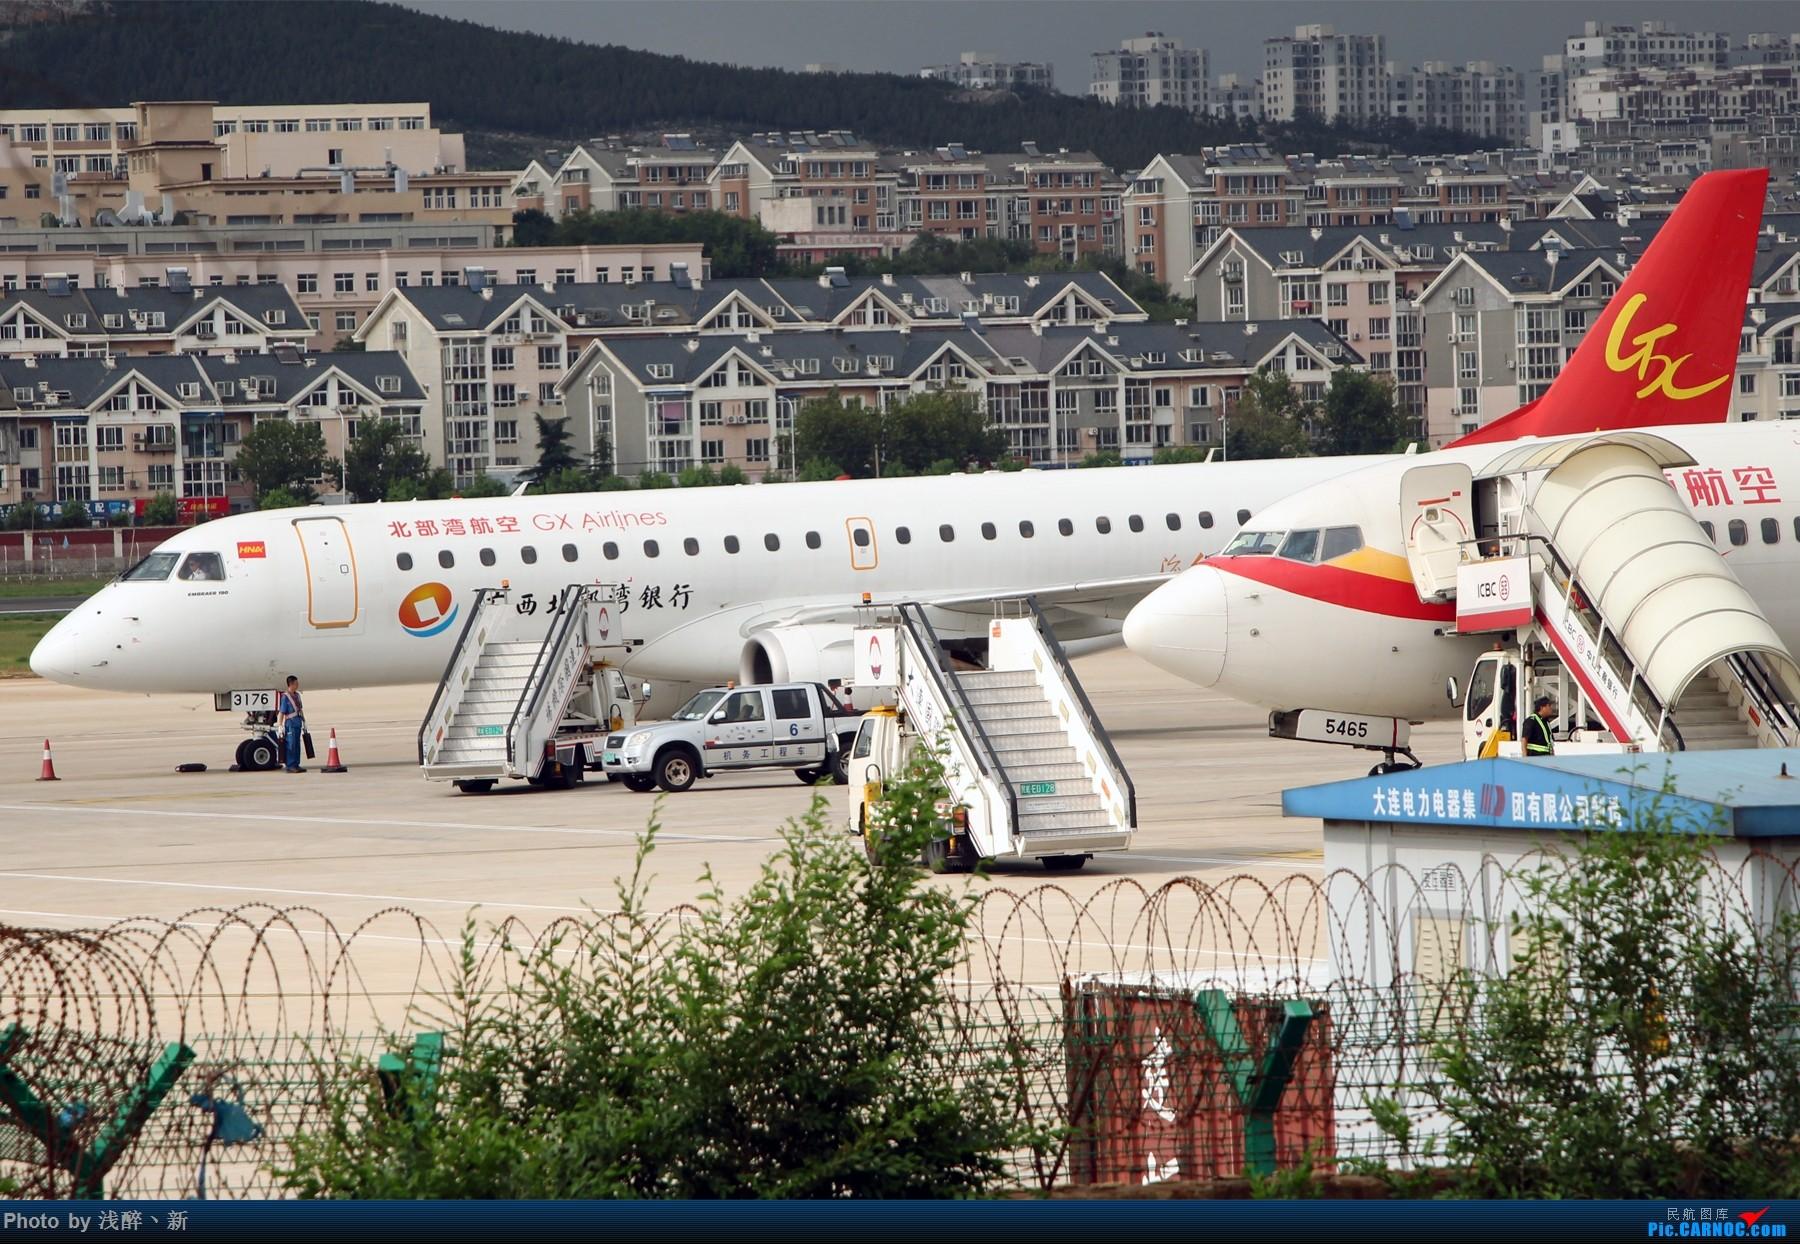 Re:[原创]DLC 7.16 机场游击战 EMBRAER E-190 B-3176 中国大连国际机场